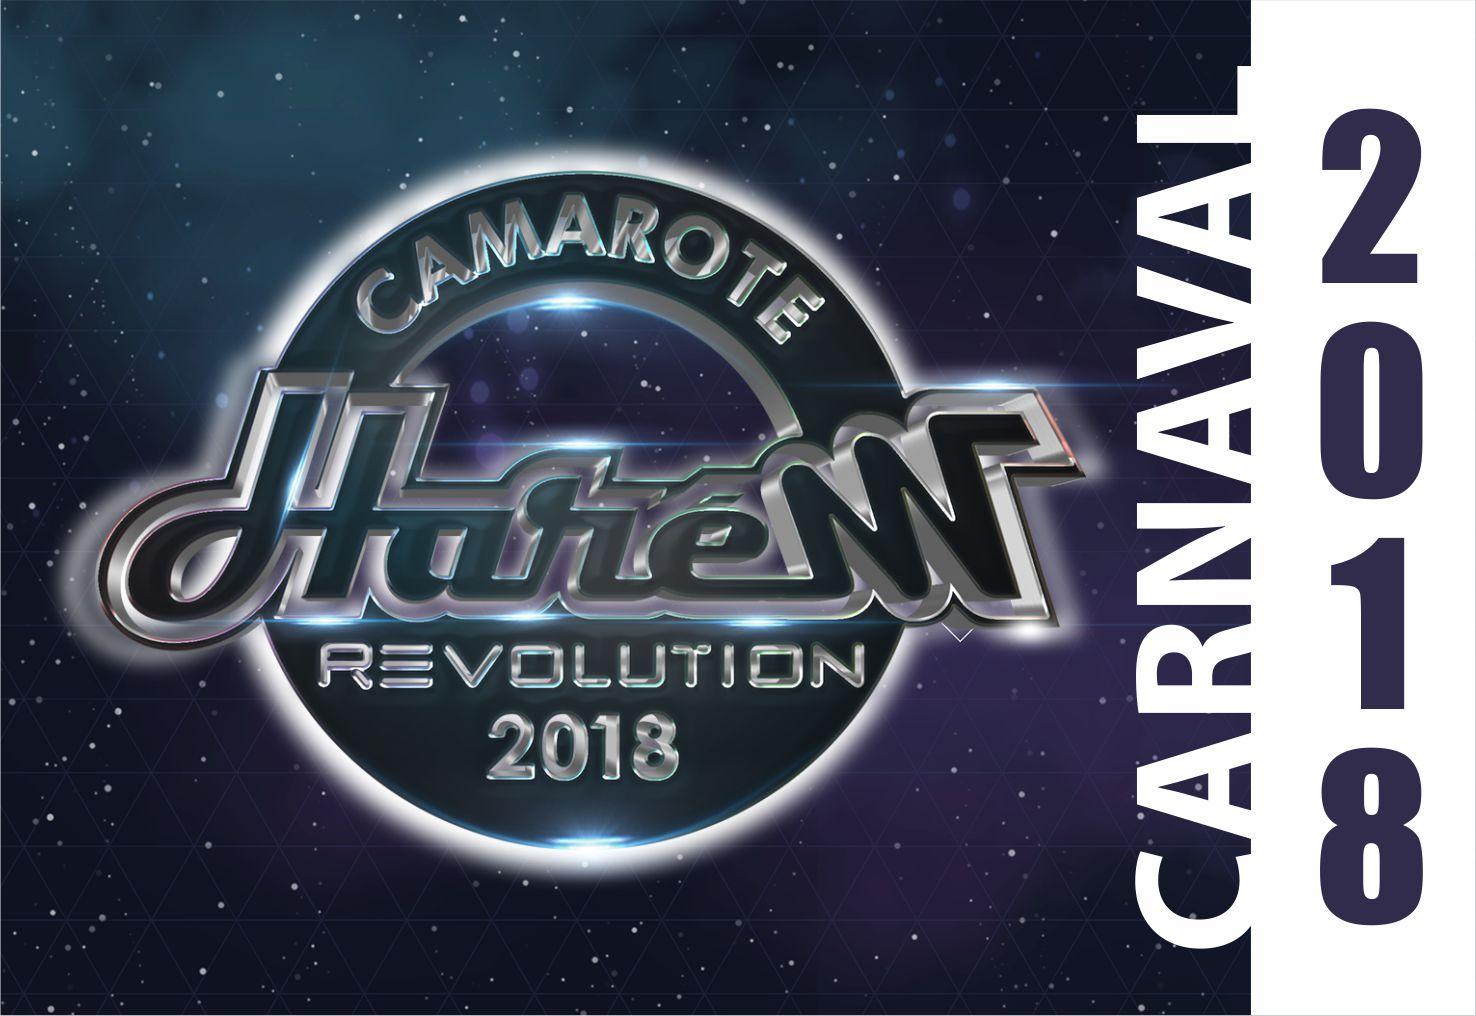 Camarote Harém 2018